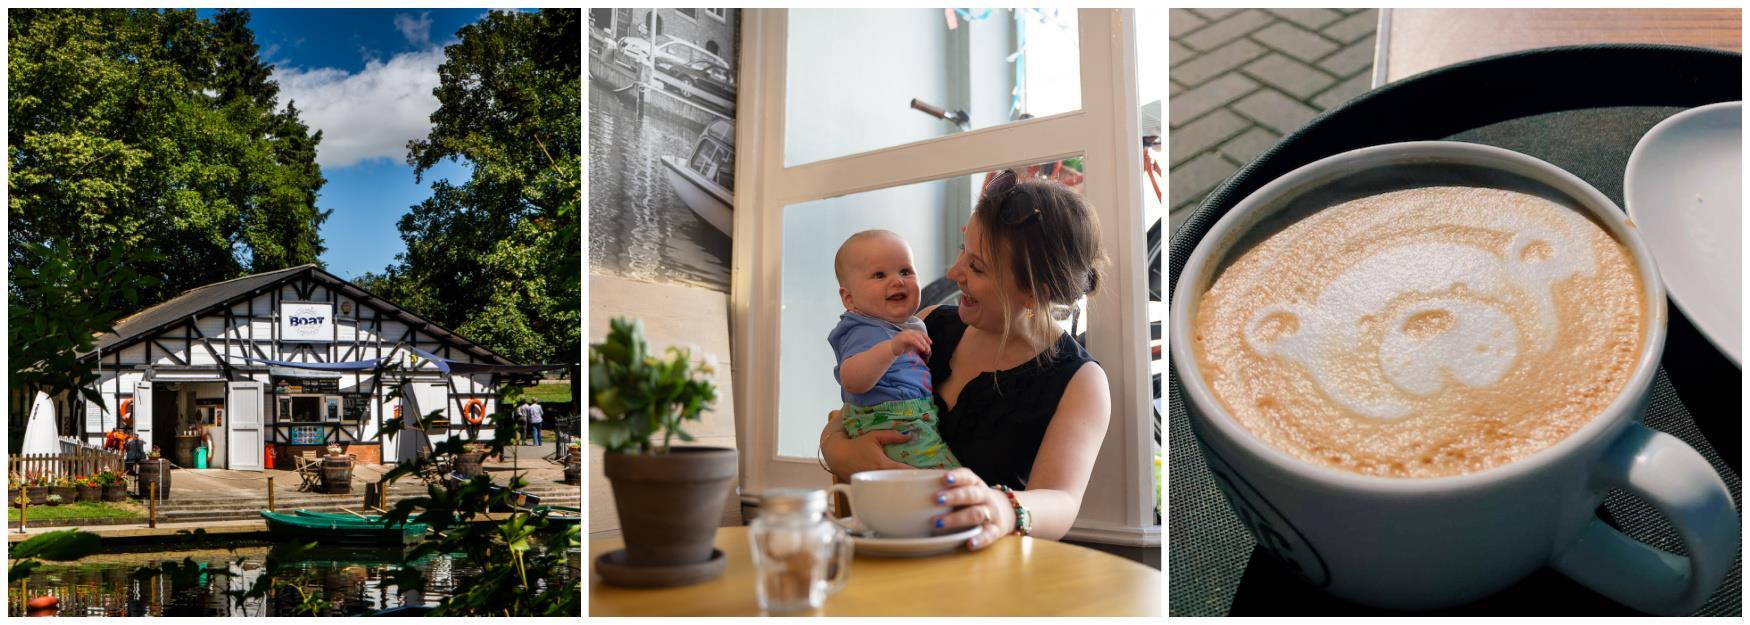 Baby friendly cafes Cheltenham